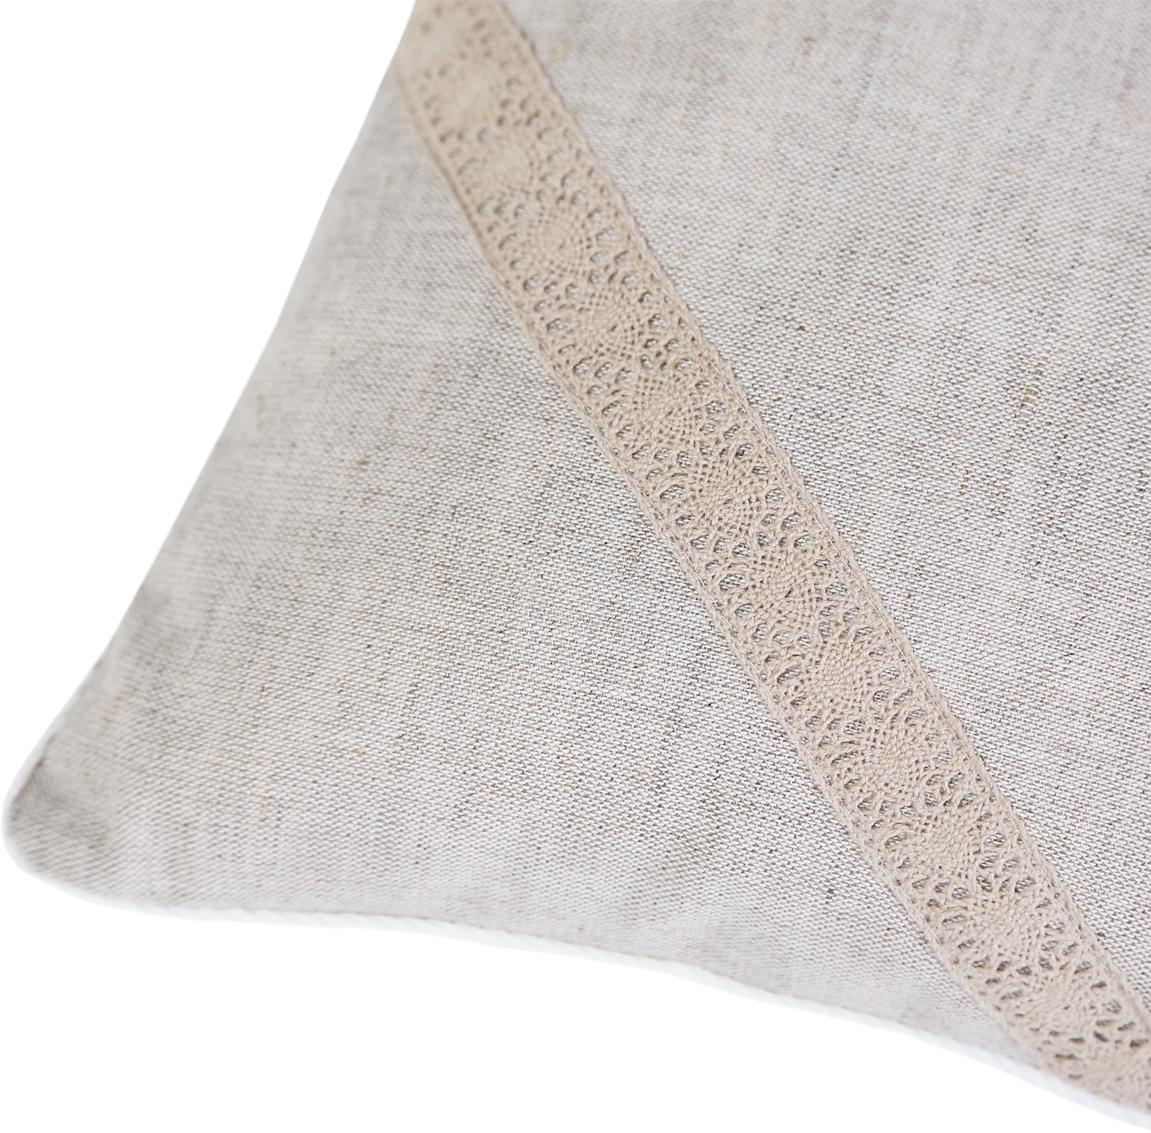 Подушка Bio-Textiles Кедровая магия, наполнитель: кедр, цвет: бежевый, 30 х 40 смKMN318